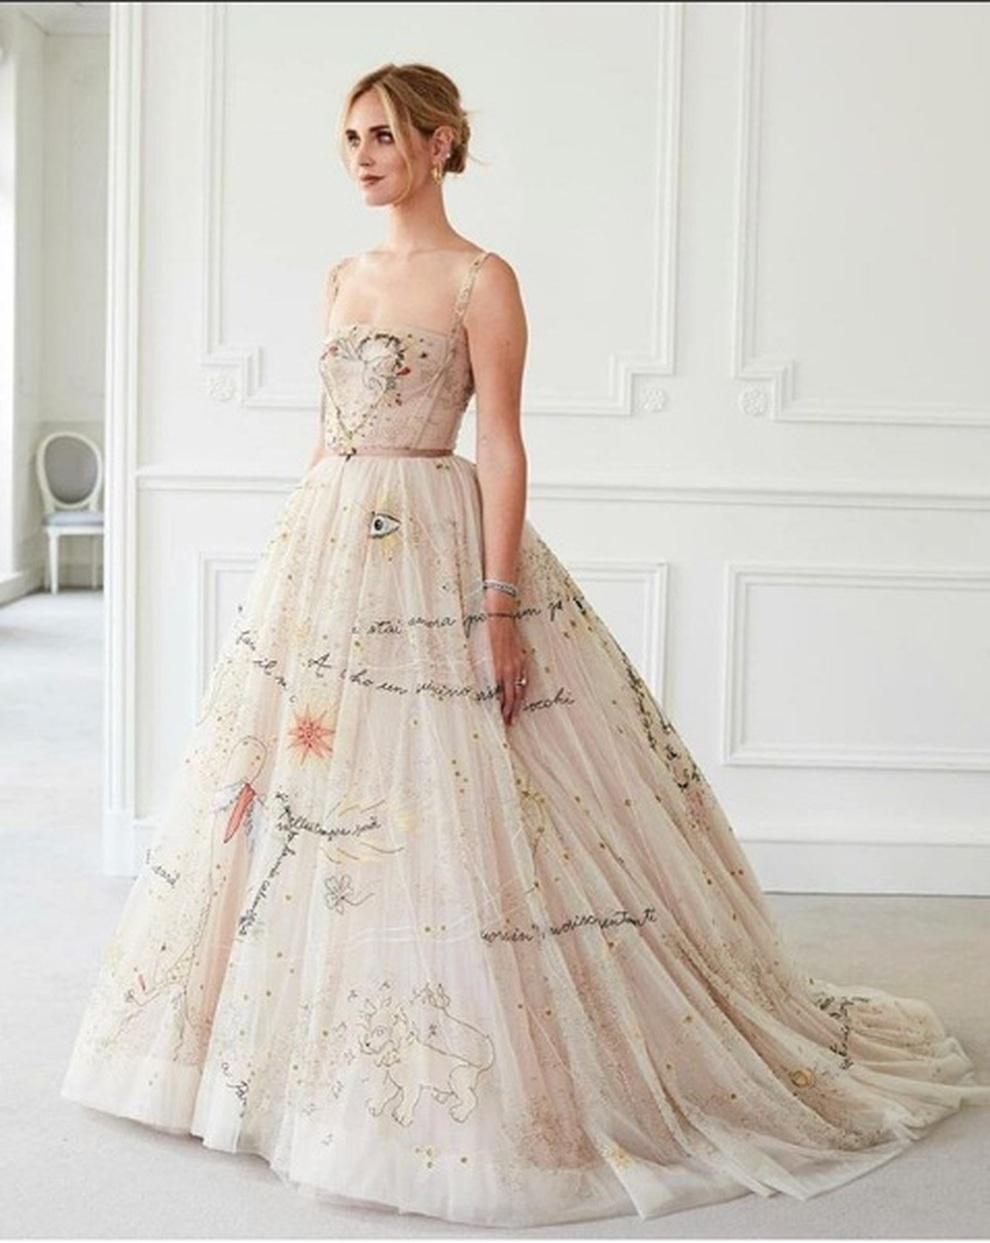 9c6b4e6cbe82 Matrimonio Ferragnez  Il secondo vestito della Ferragni